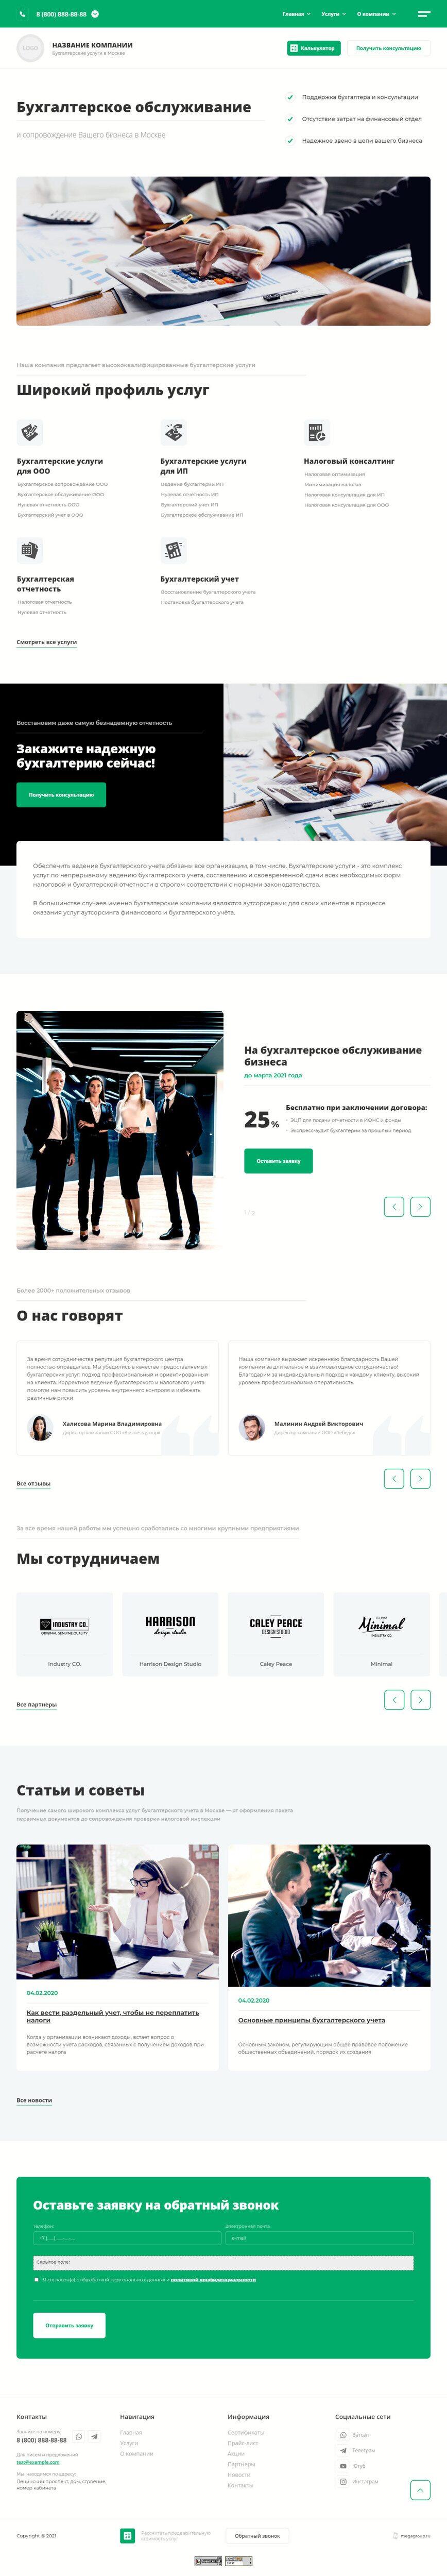 Готовый Сайт-Бизнес #2956122 - Бухгалтерские услуги (Главная версия 2)